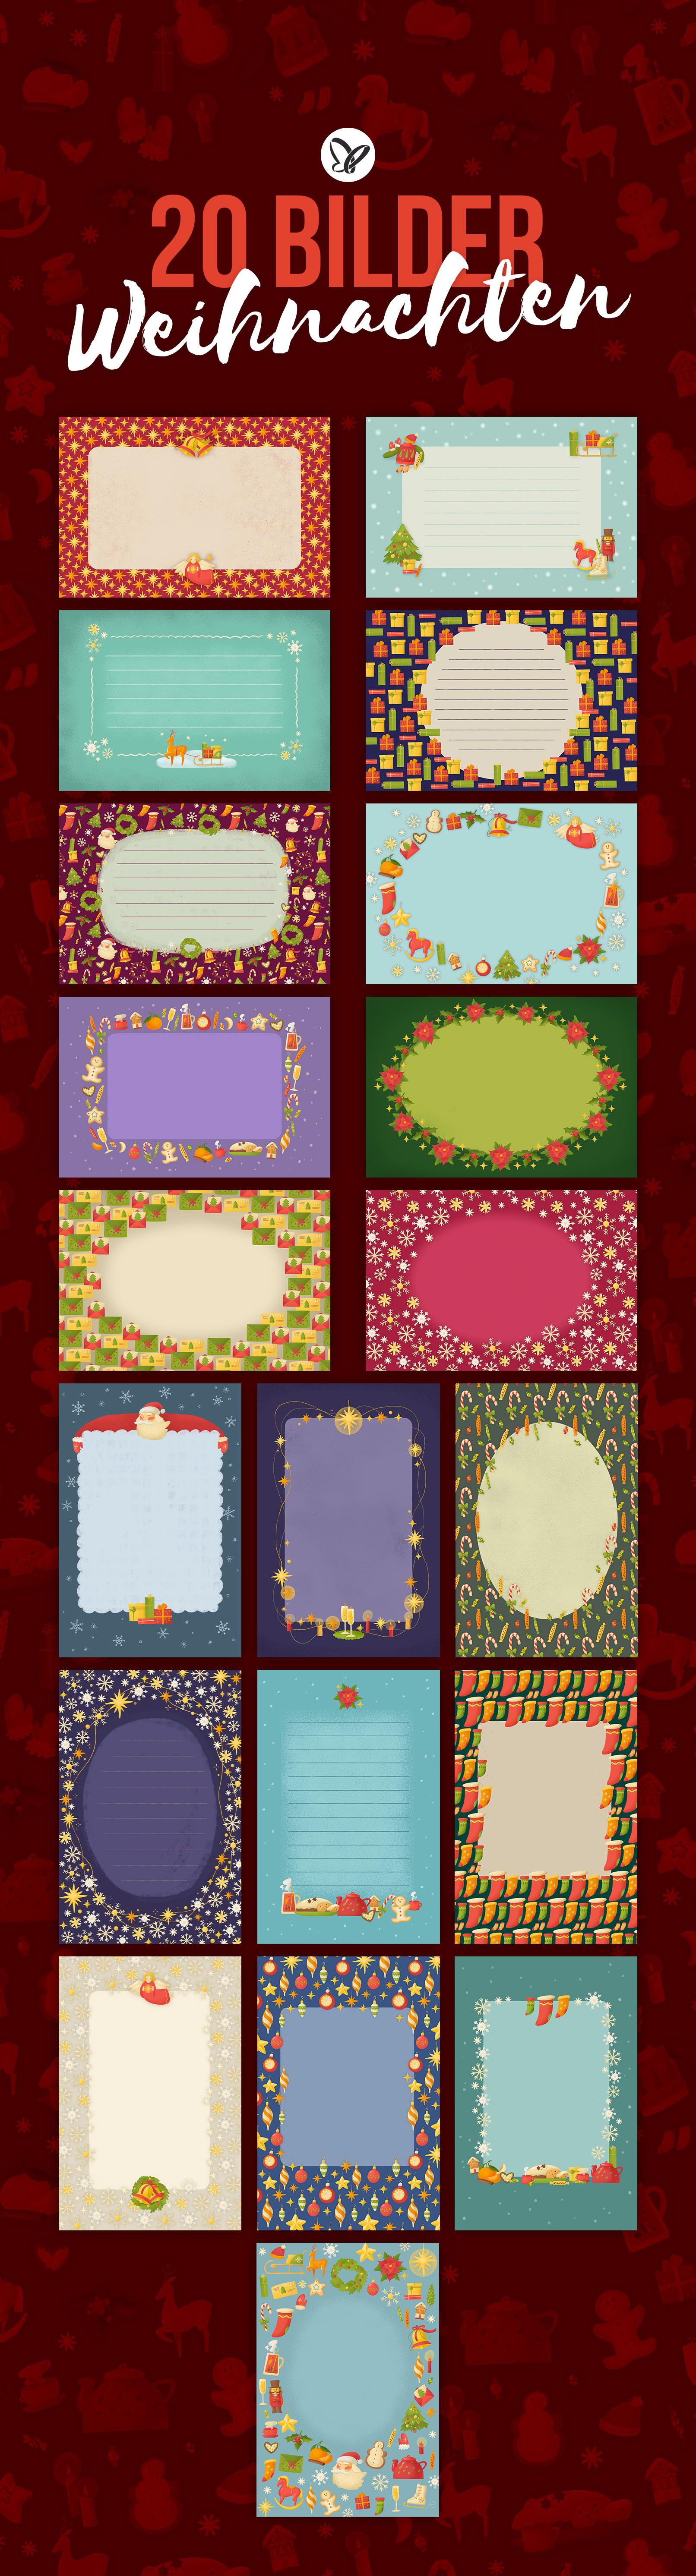 Hintergründe für Weihnachtsgrußkarten: 20 verschiedene Varianten zum Ausdrucken